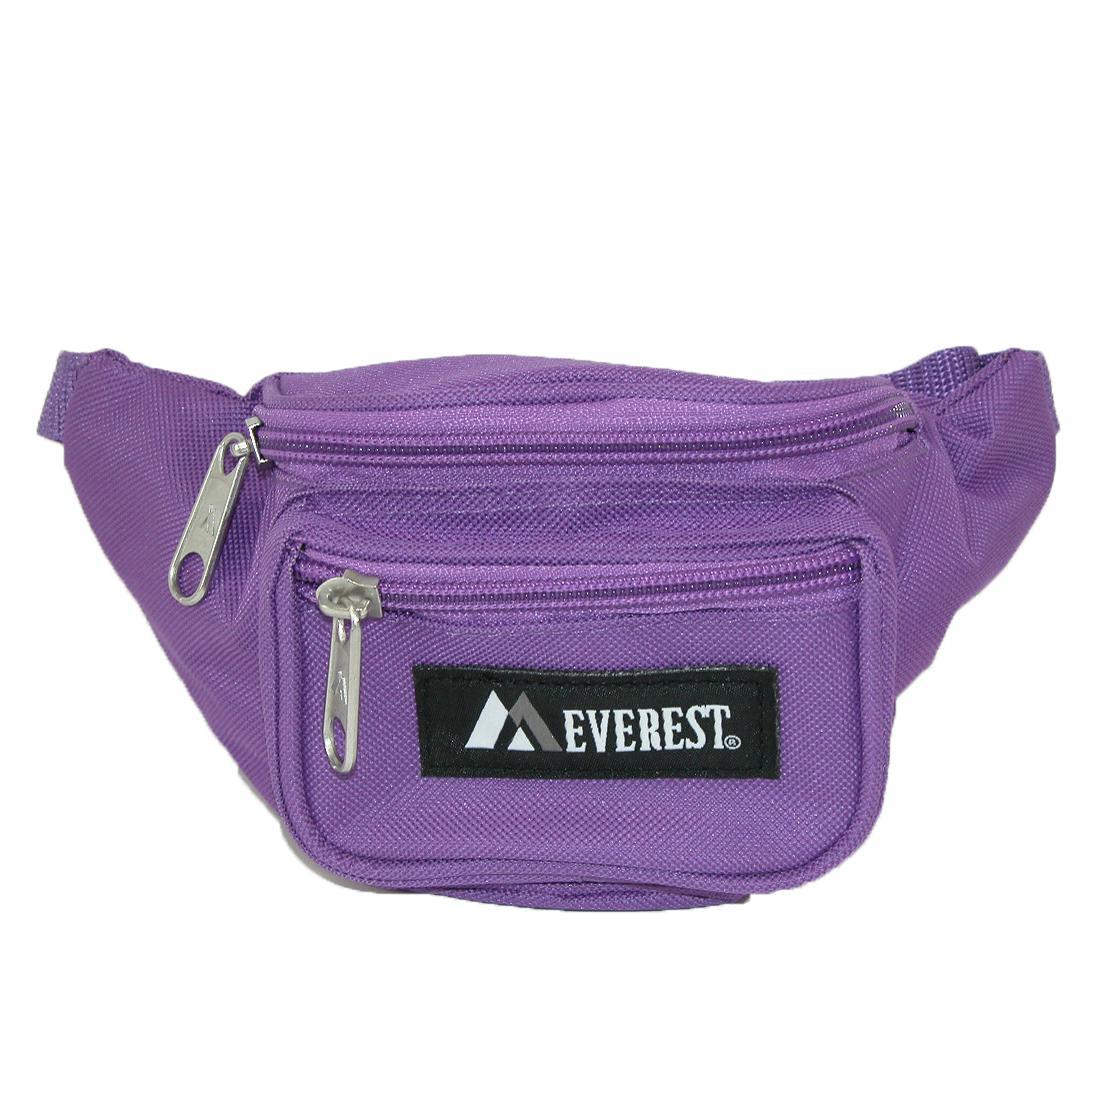 Everest Girls' Fabric Waist Pack Purse - (EV-GIRLS) photo